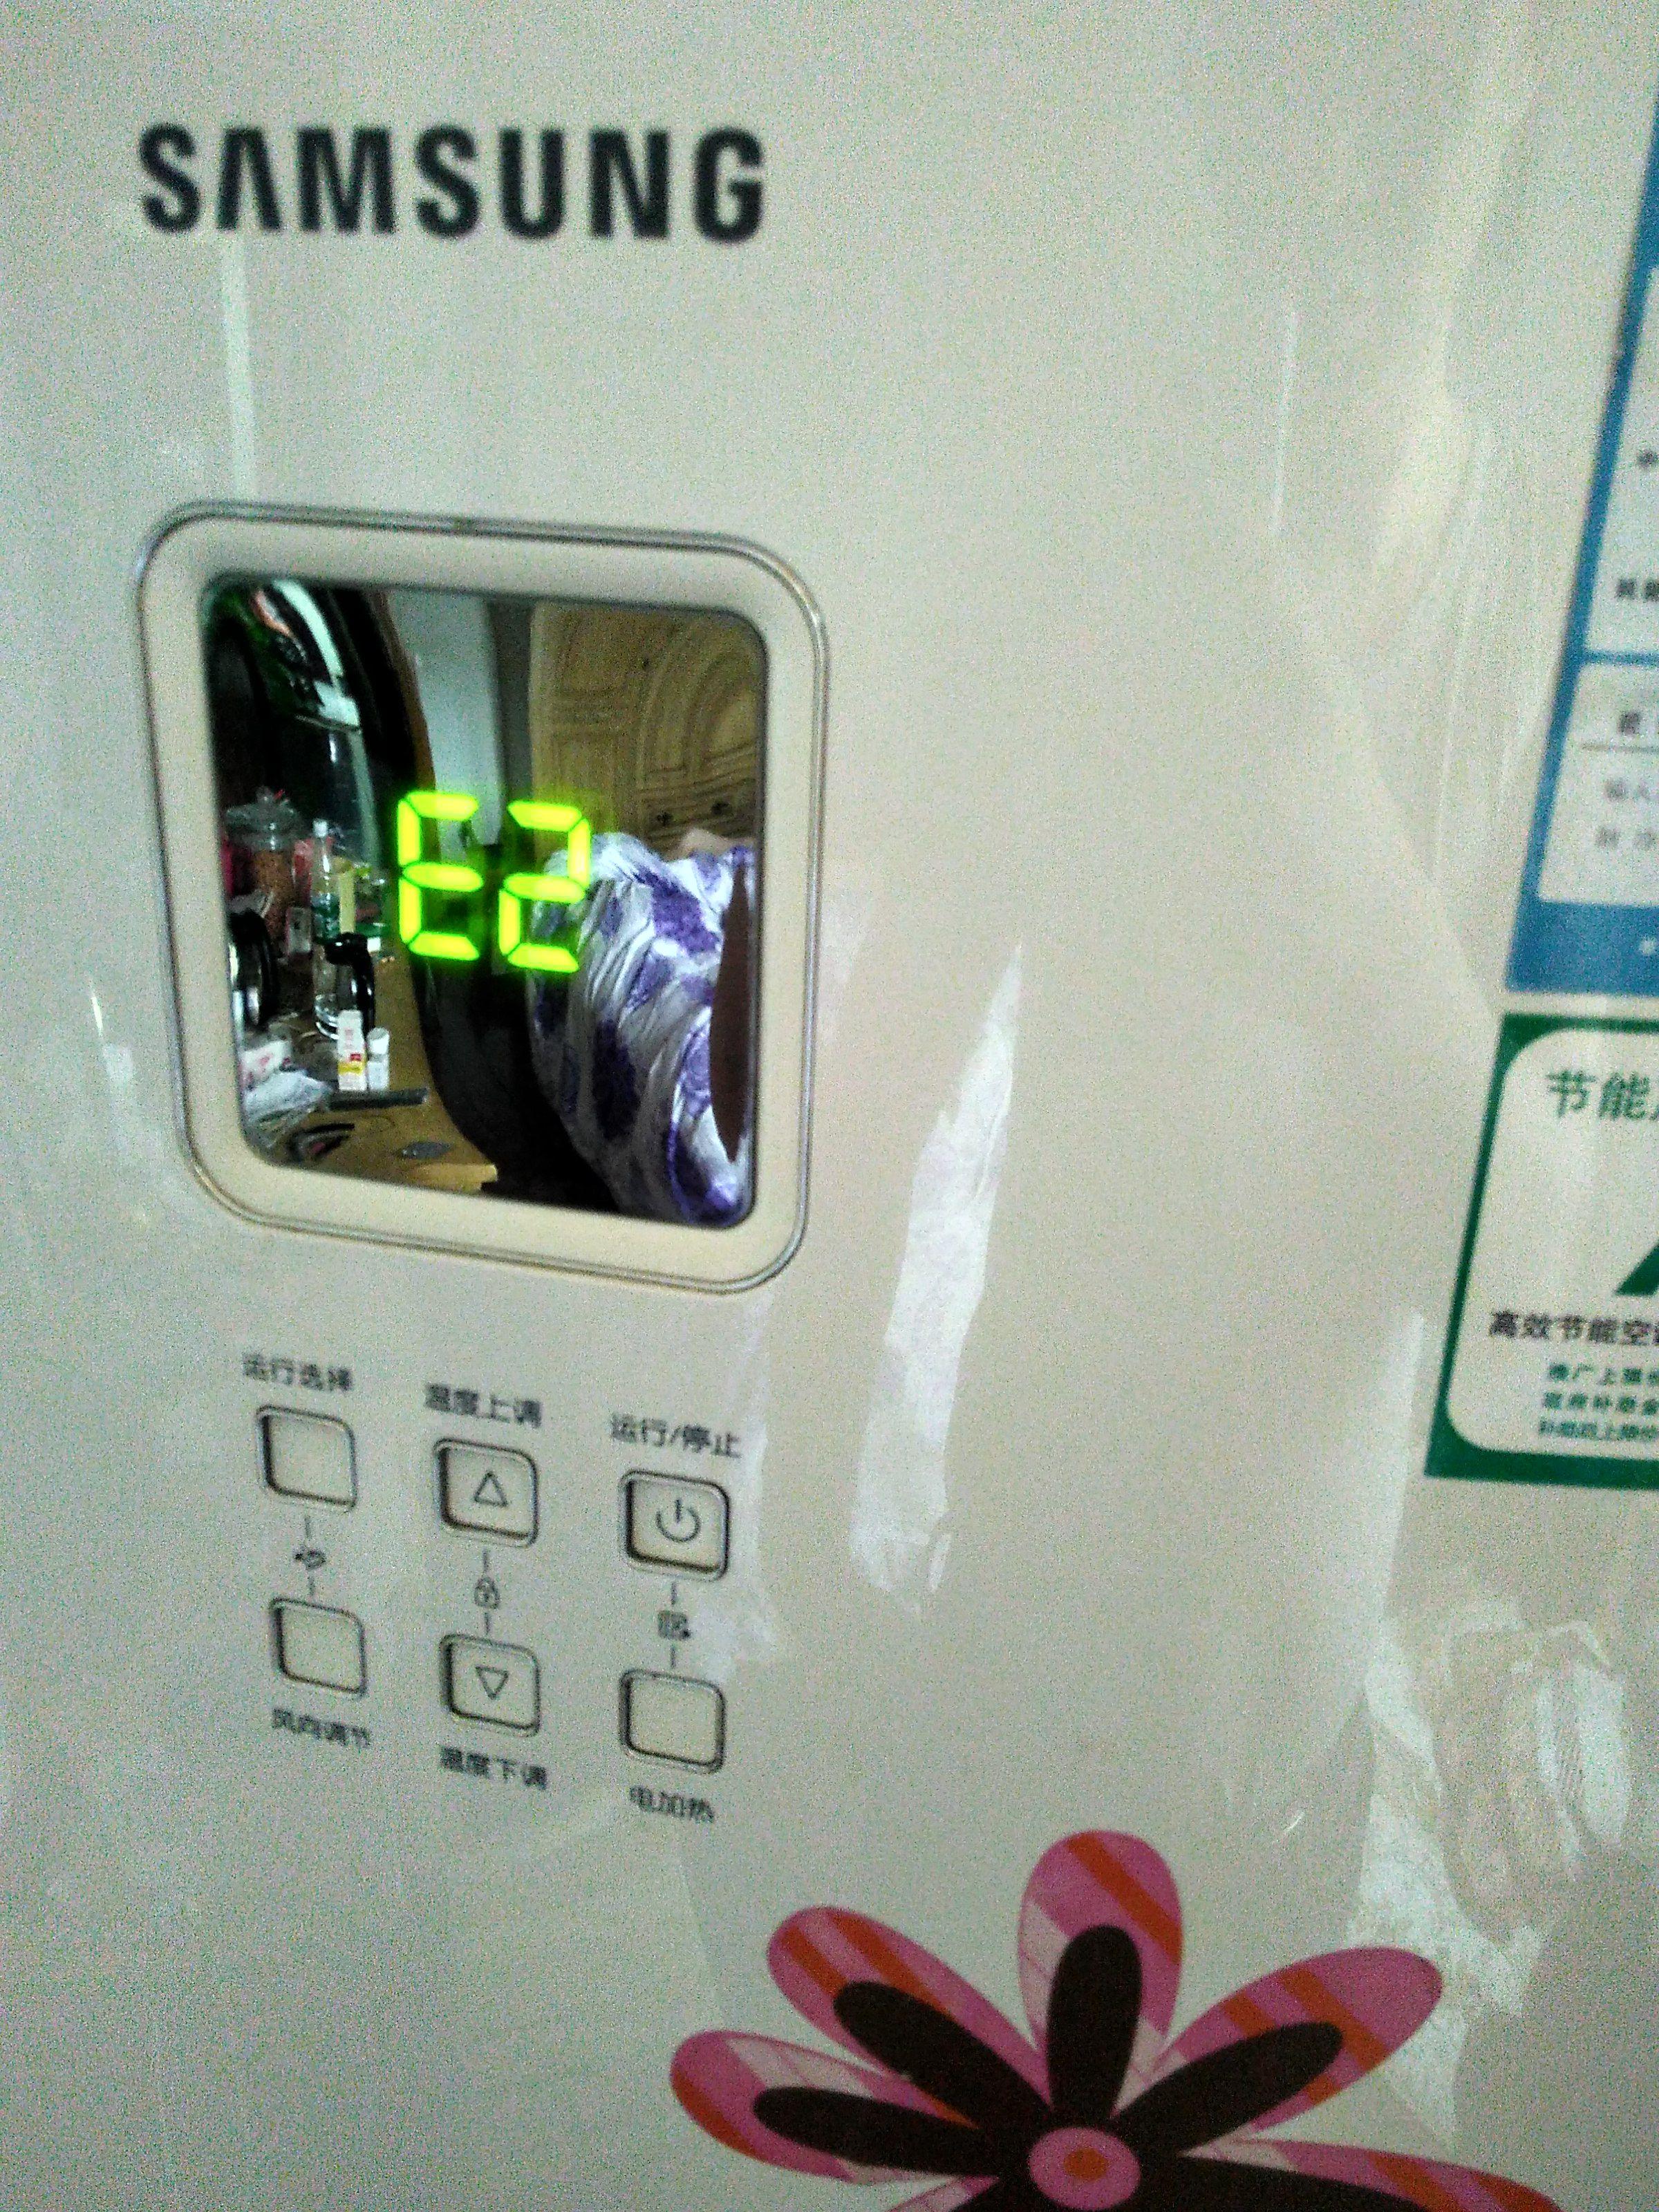 三星空调kfrd-50lw/mse柜机,插上电源显示e2错误图片